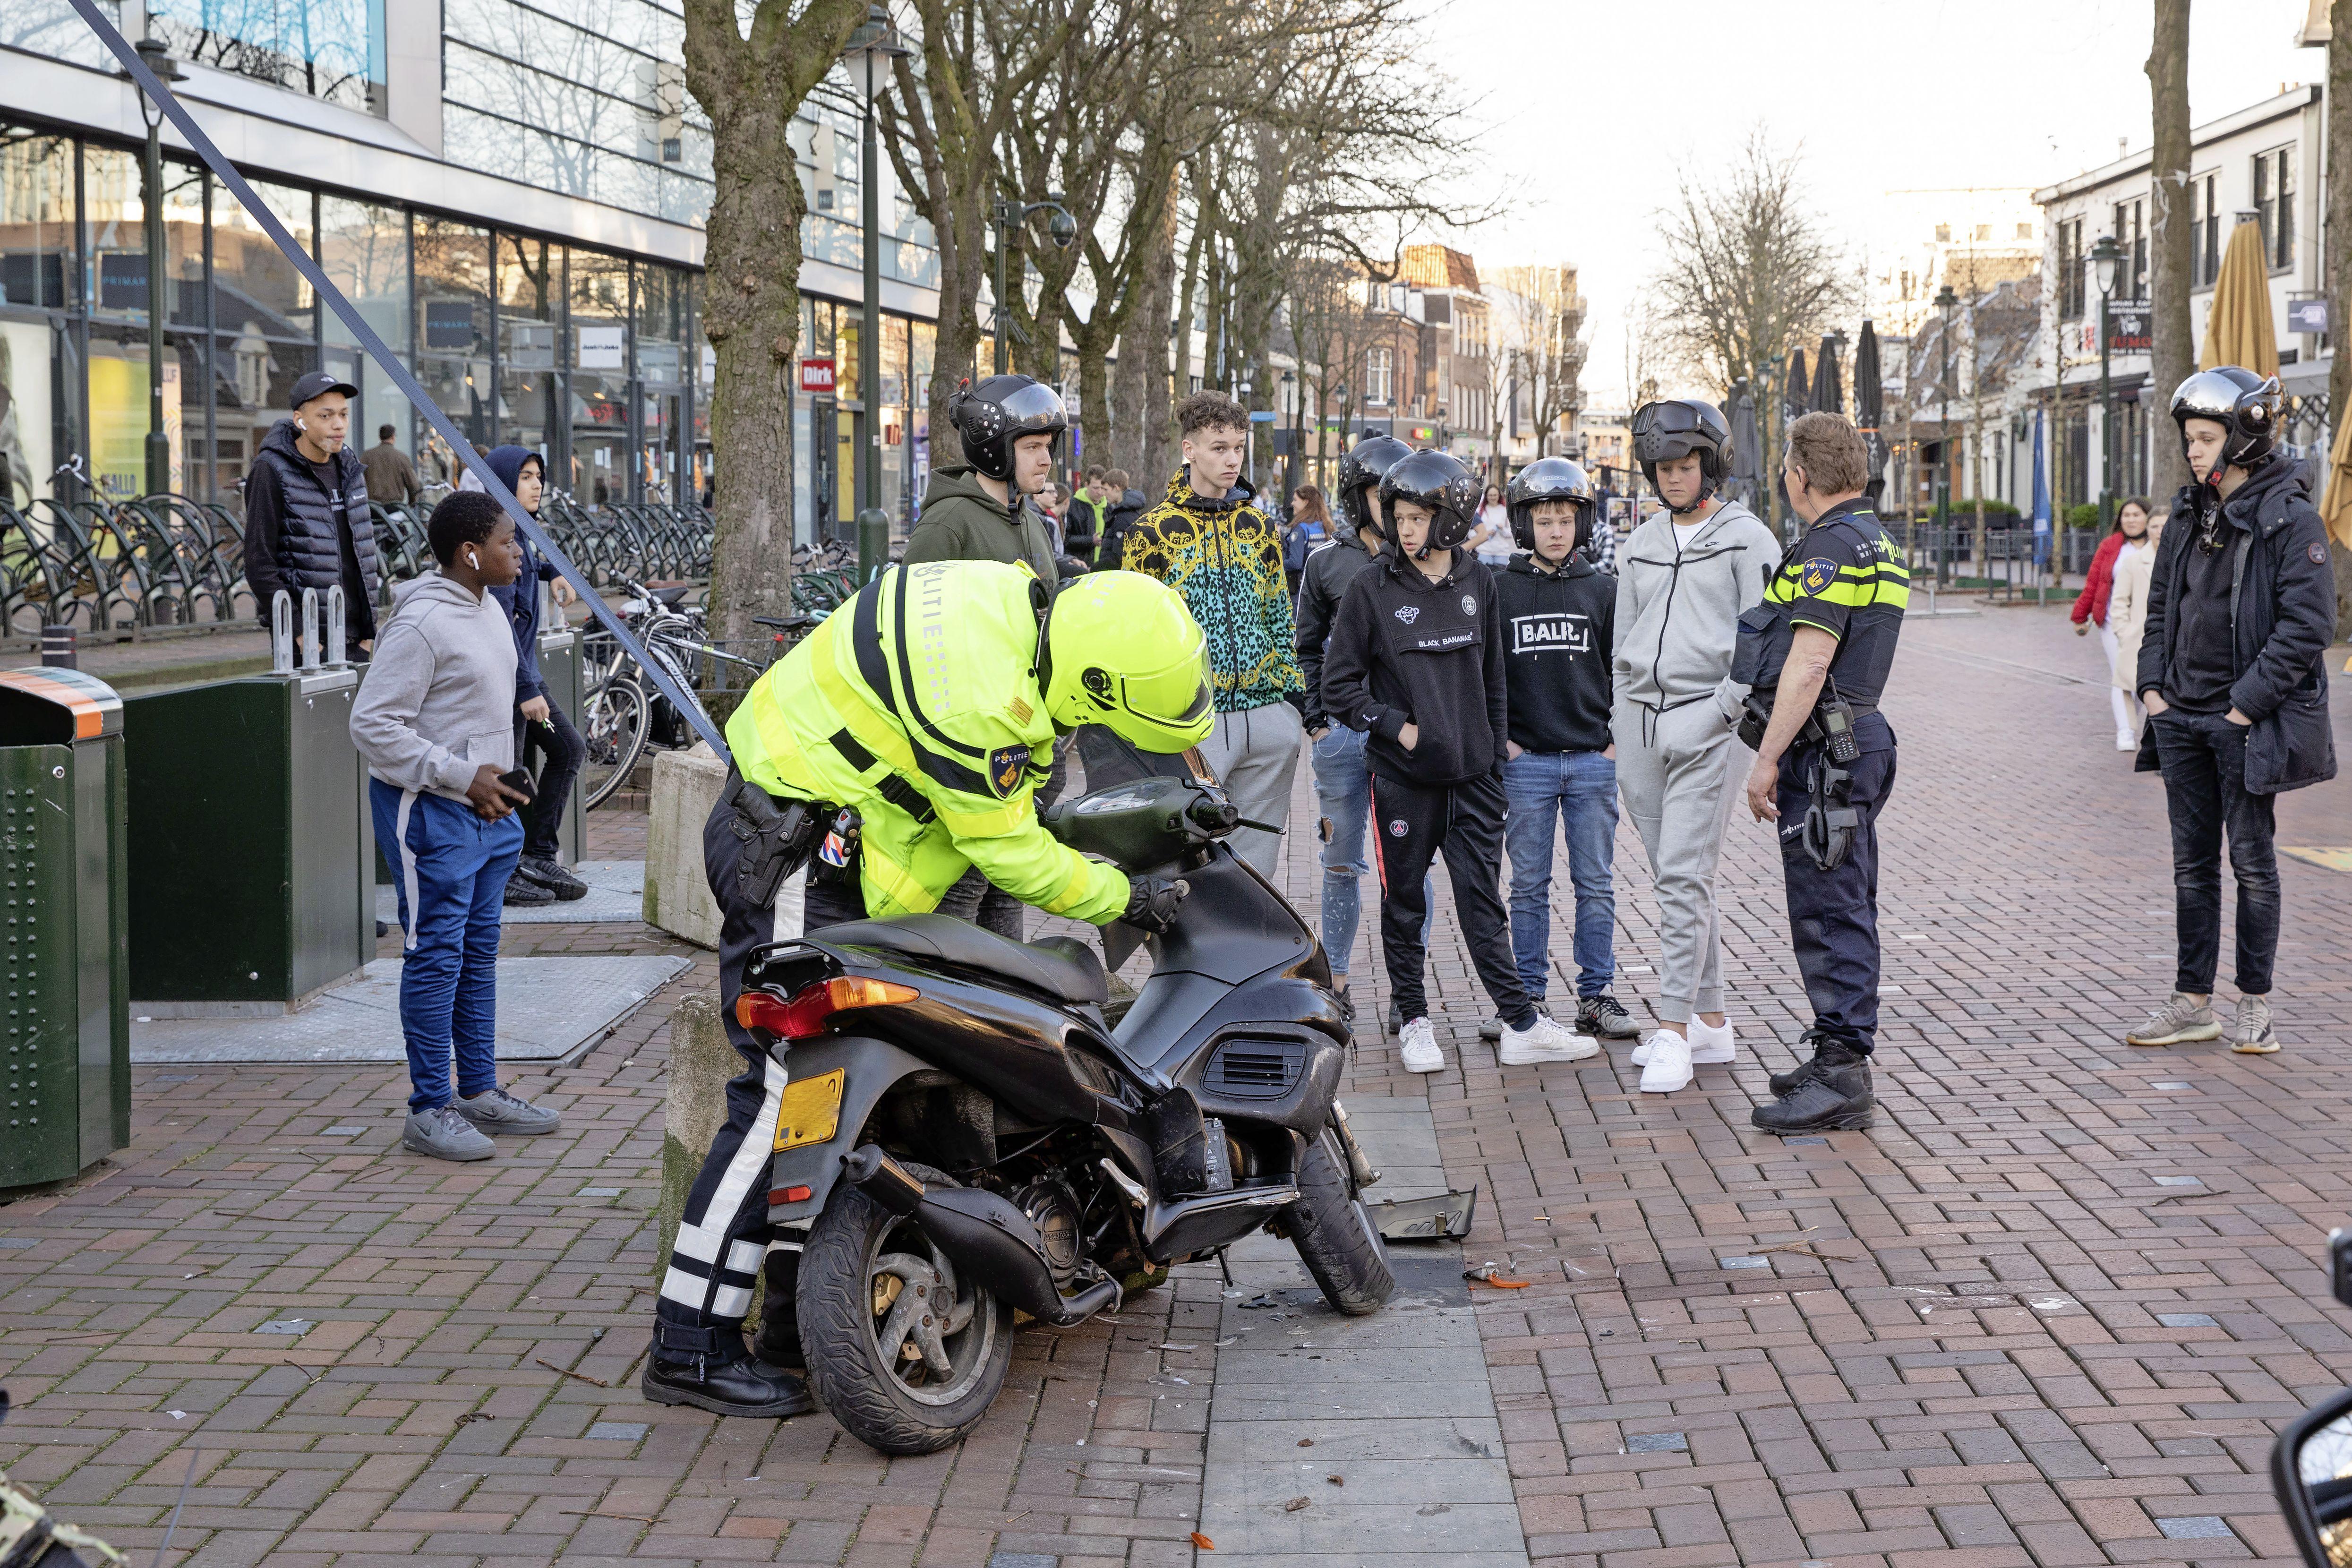 Onderzoek naar aanrijding met boa op de Groest in Hilversum: 'Die jongen had wel invalide kunnen zijn'